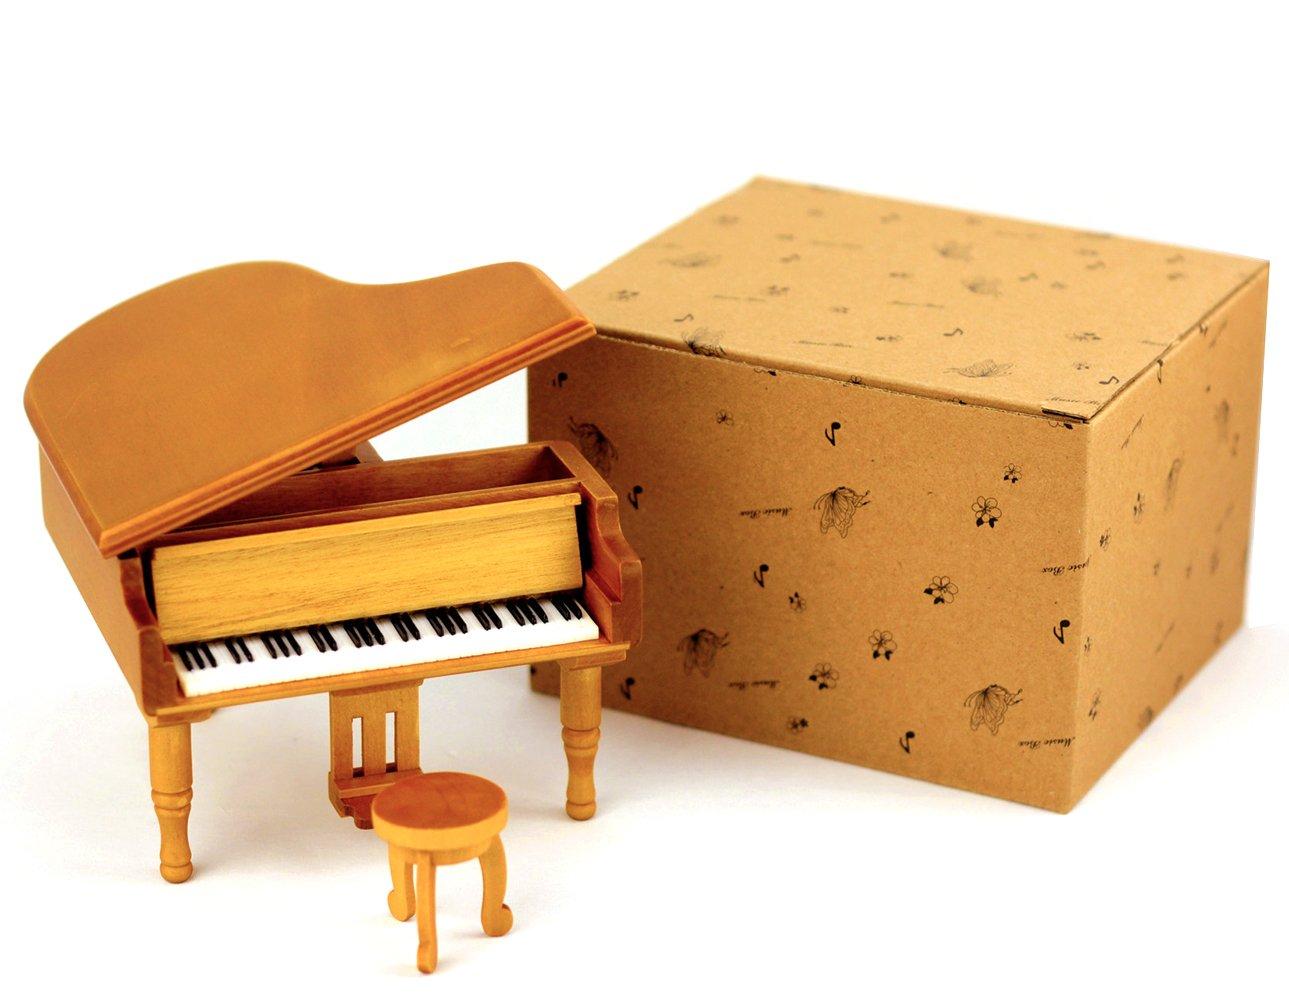 HoneyGifts Windup Wooden Piano Music Box Xmas Present for Children Kids Girls, Grand Piano